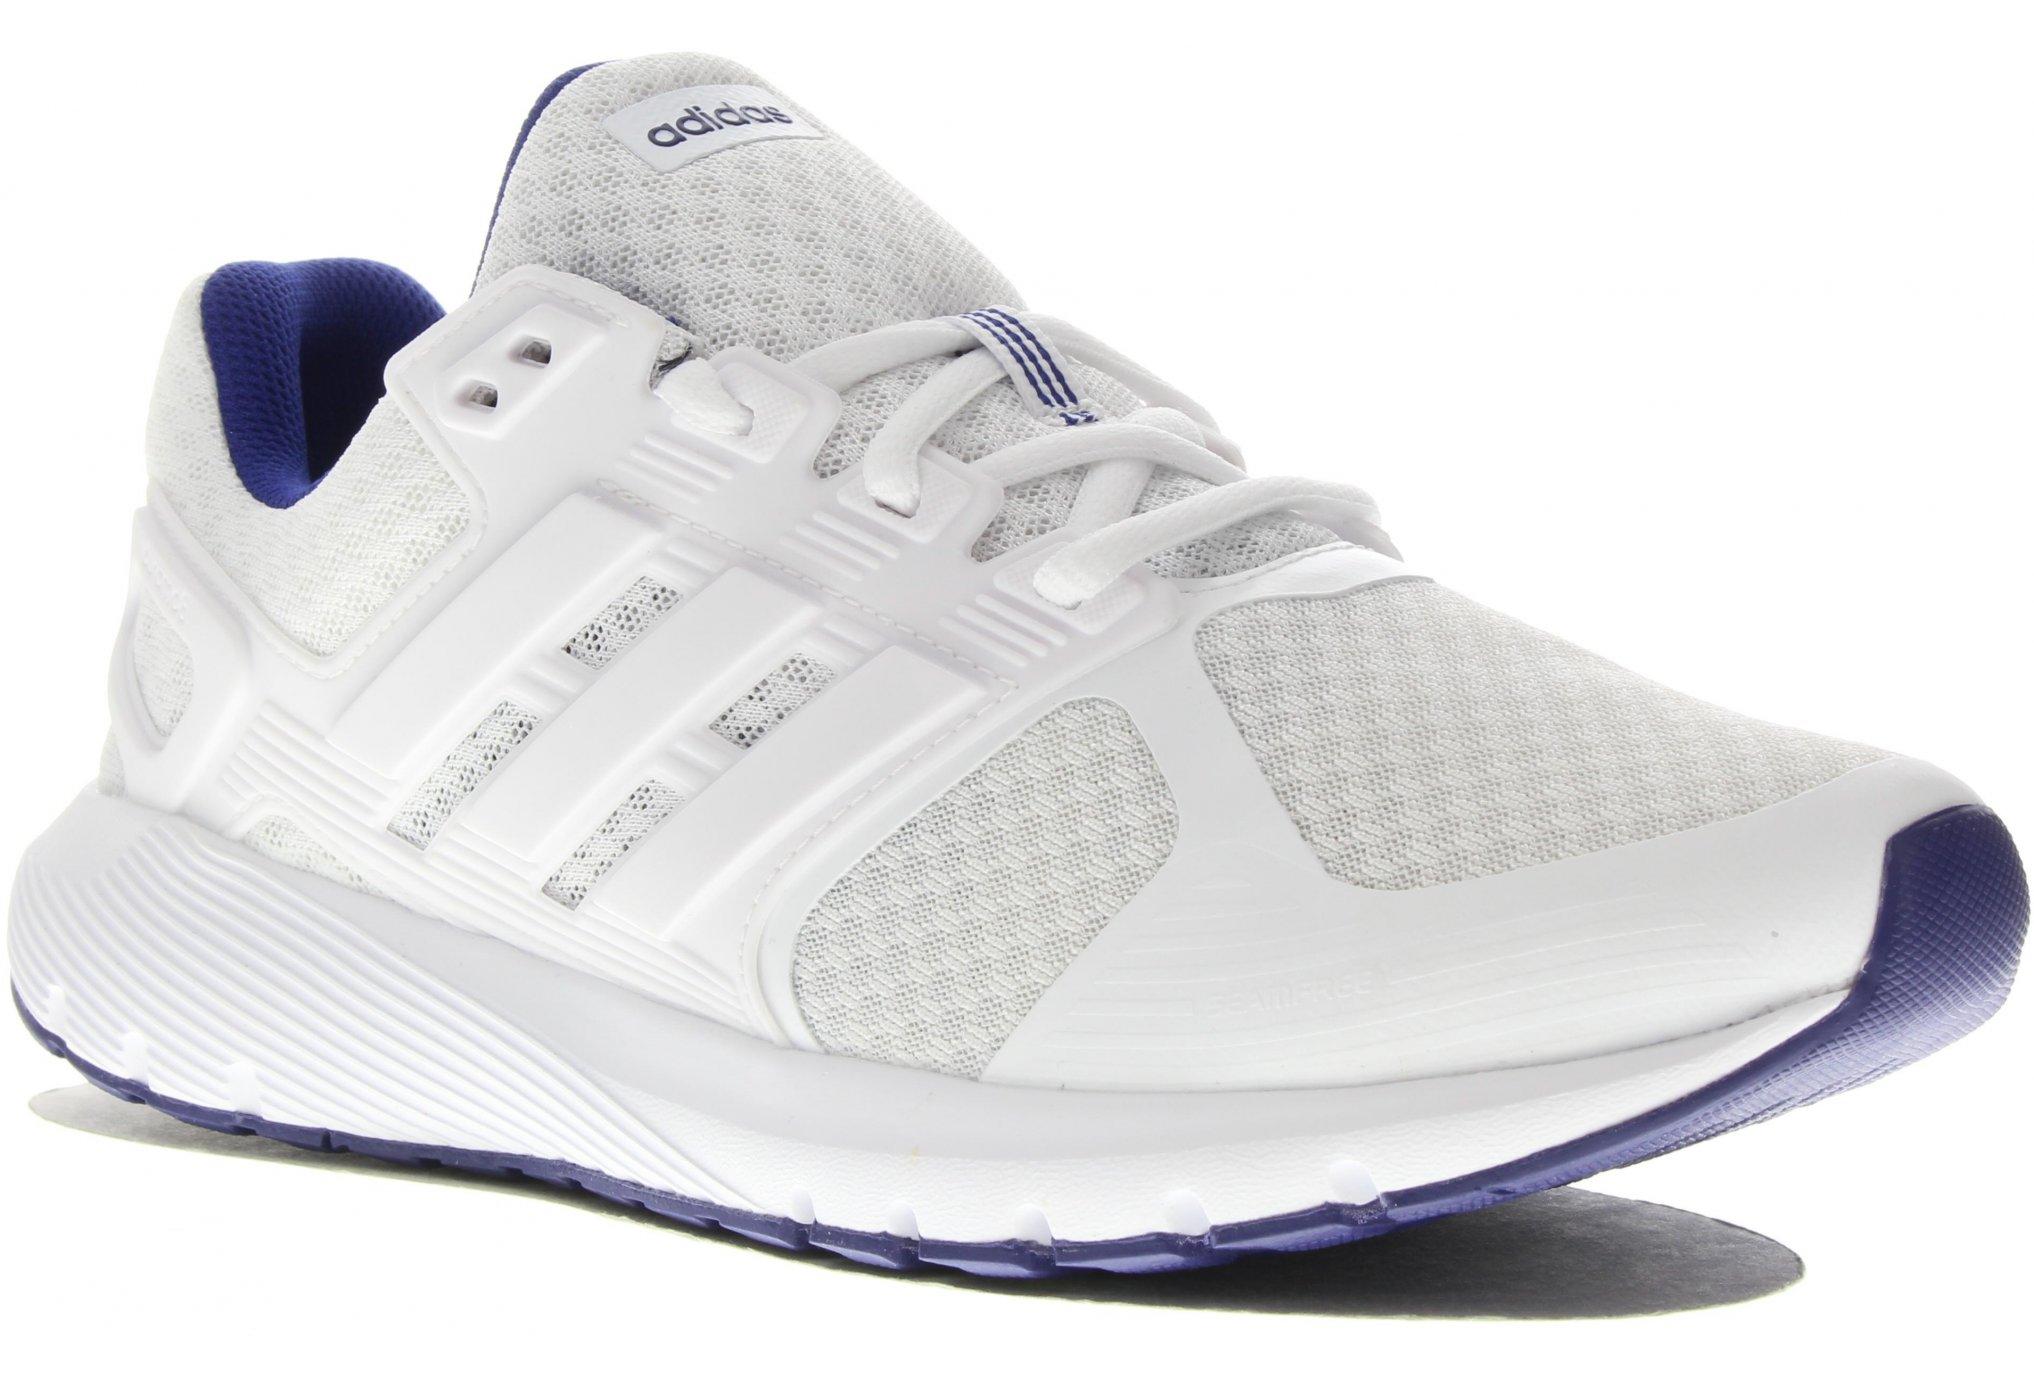 Adidas Duramo 8 w diététique chaussures femme